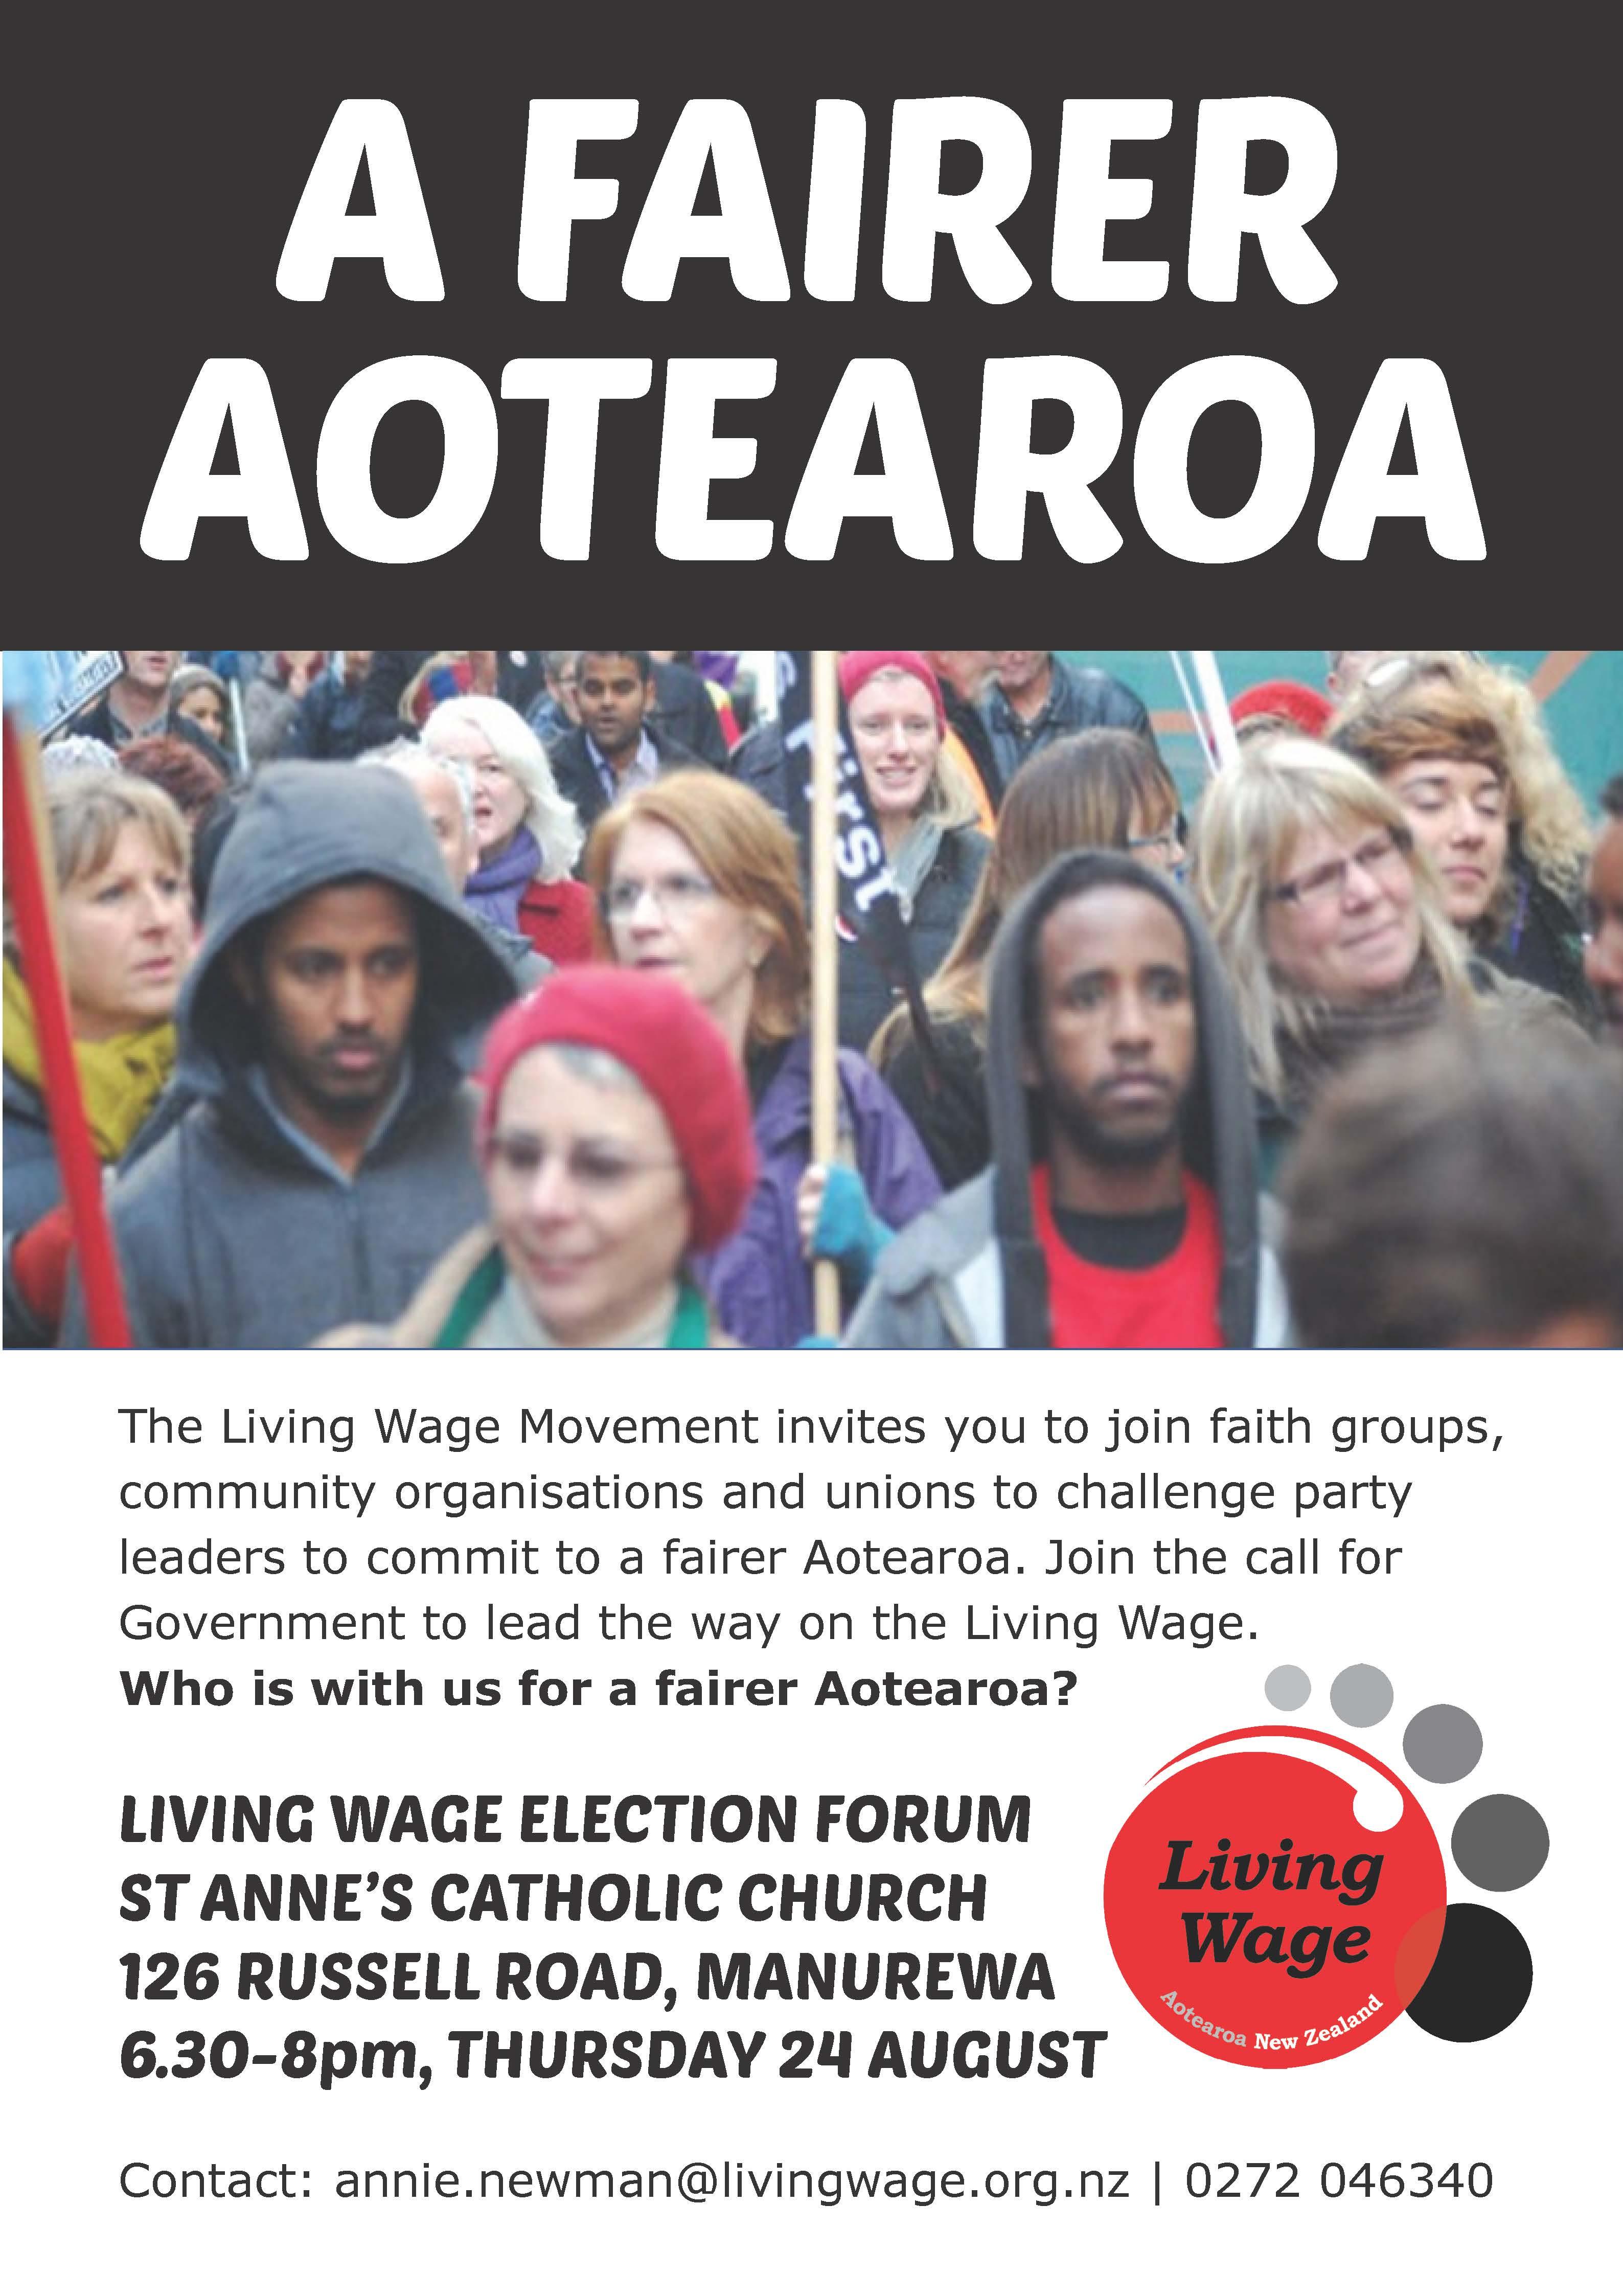 A-Fairer-Aotearoa-Auckland-Verdana.jpg